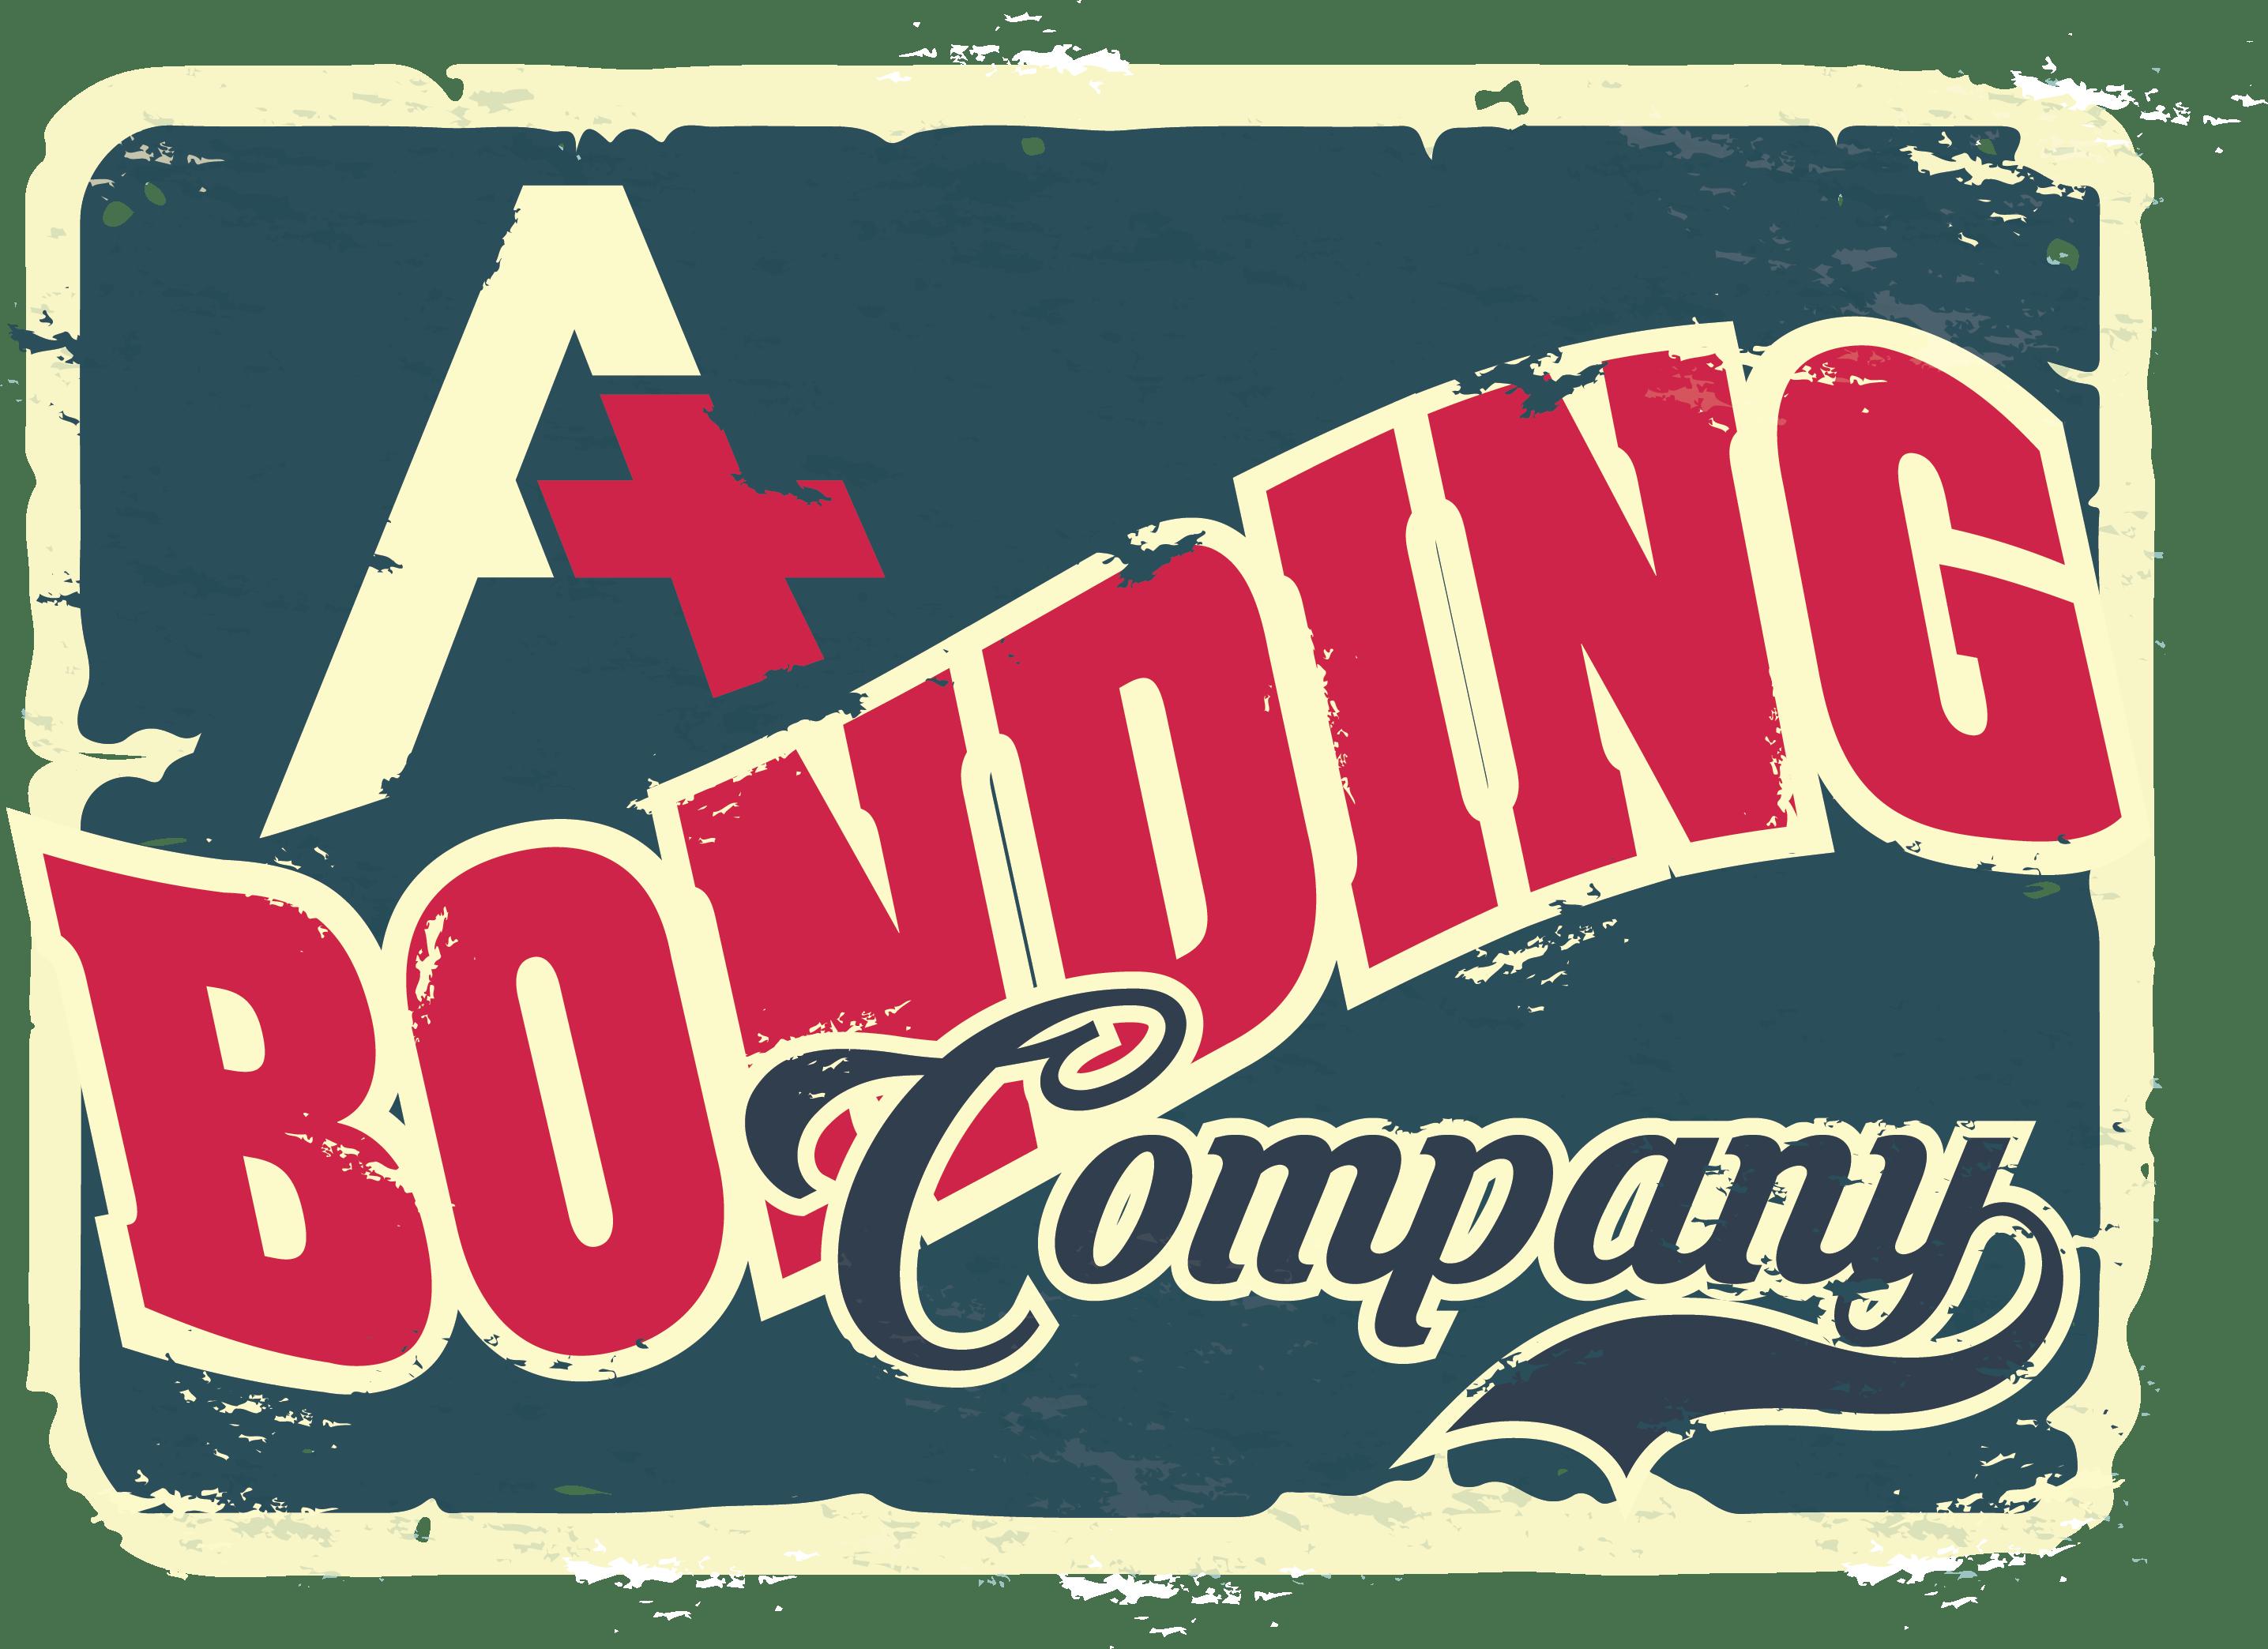 A+ Bonding Company